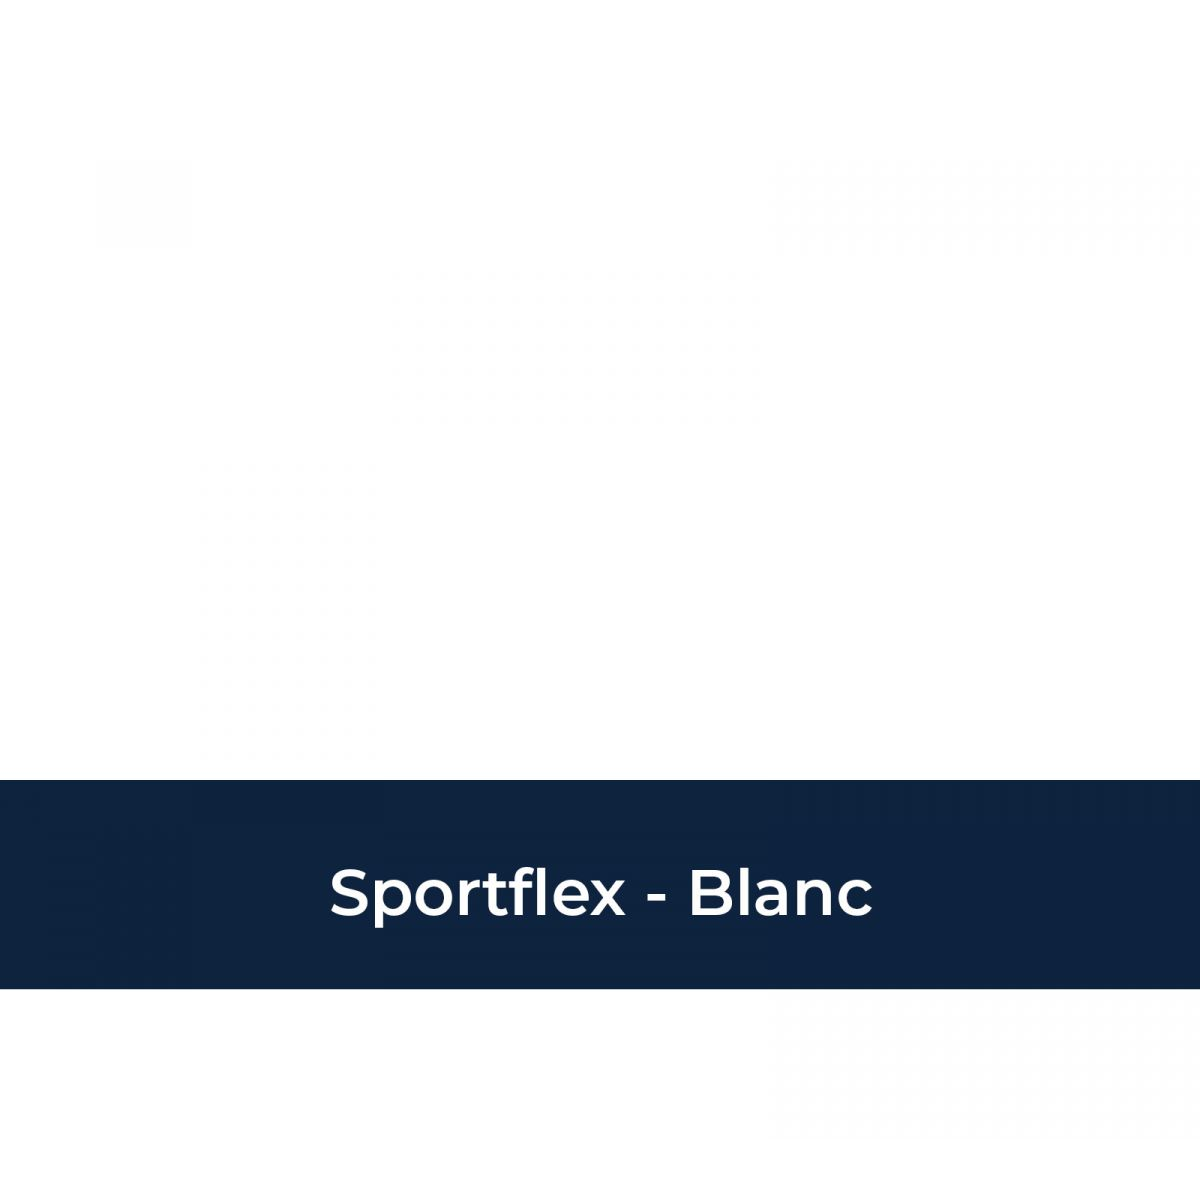 Sportflex blanc